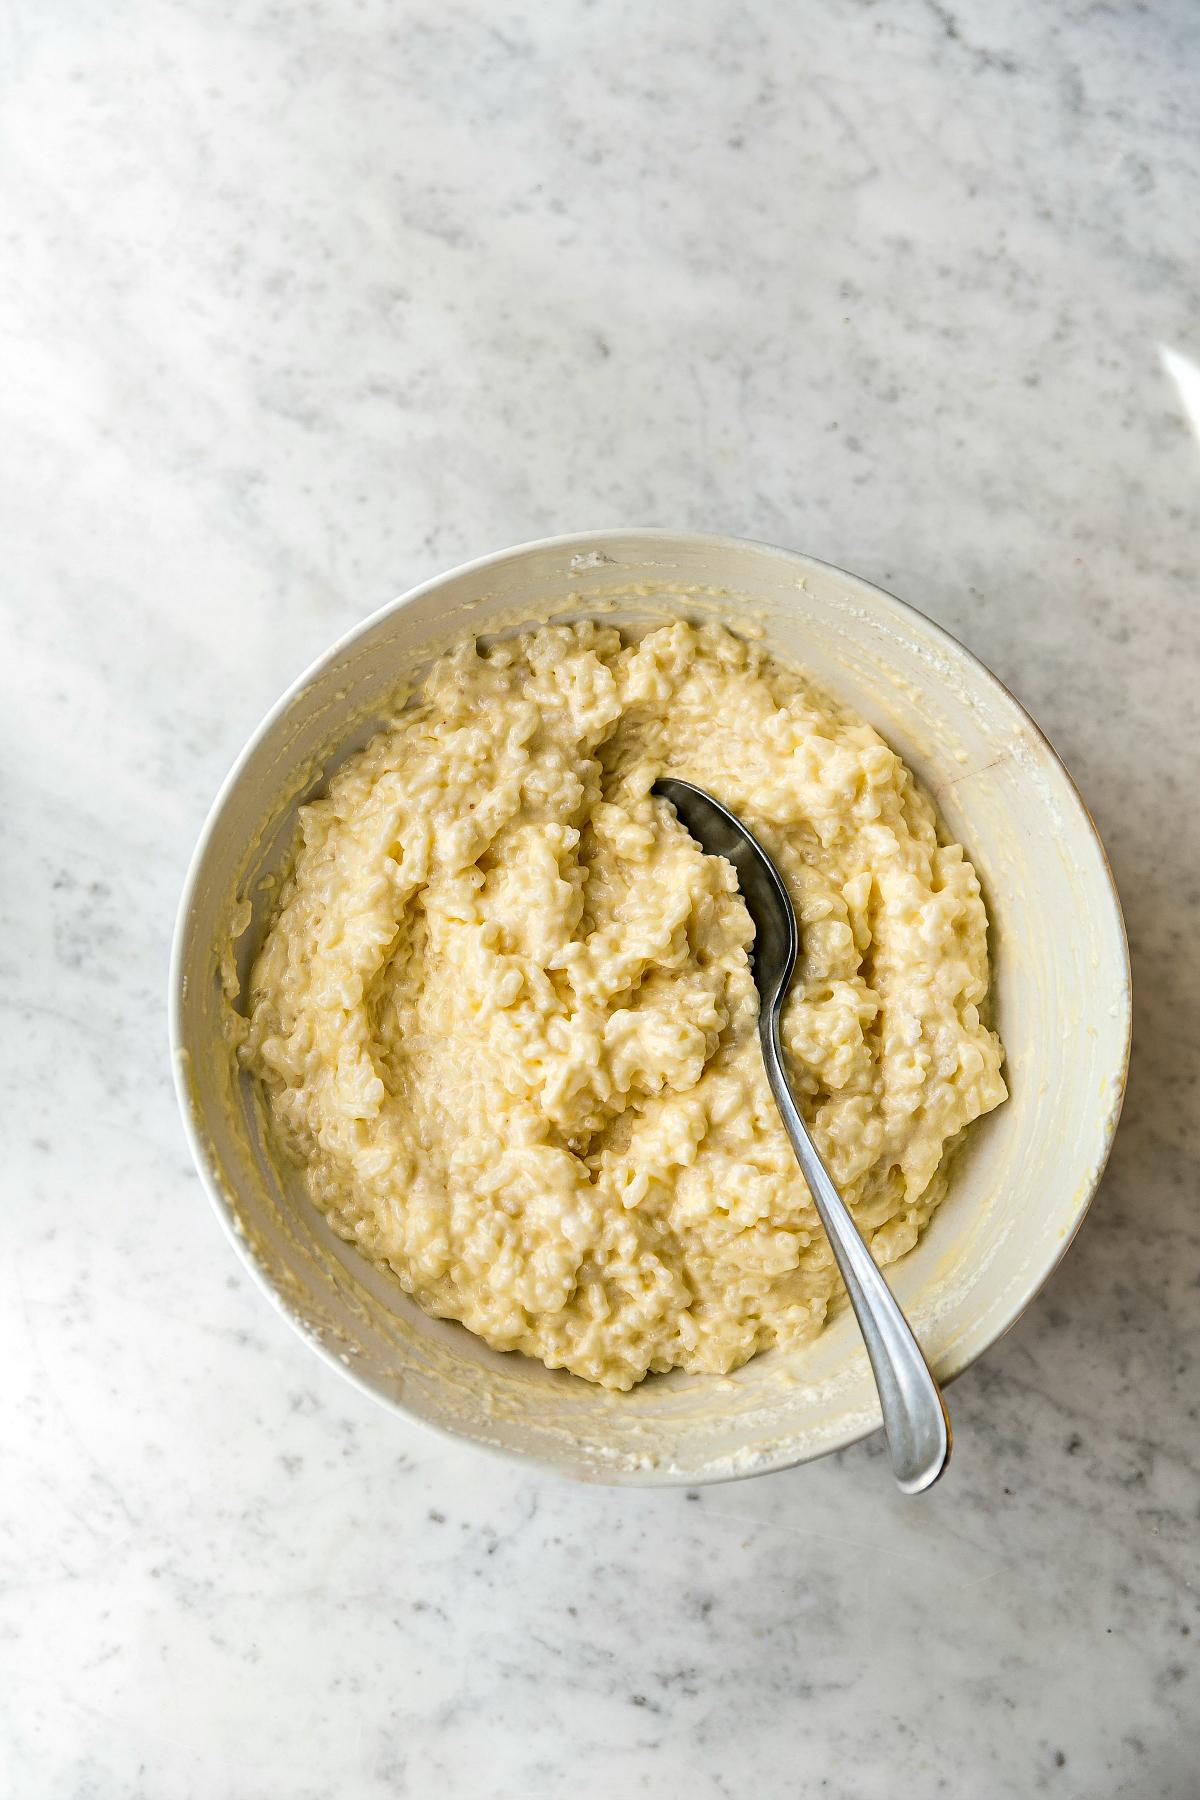 riso cotto con aggiunta di aromi, uova e zucchero